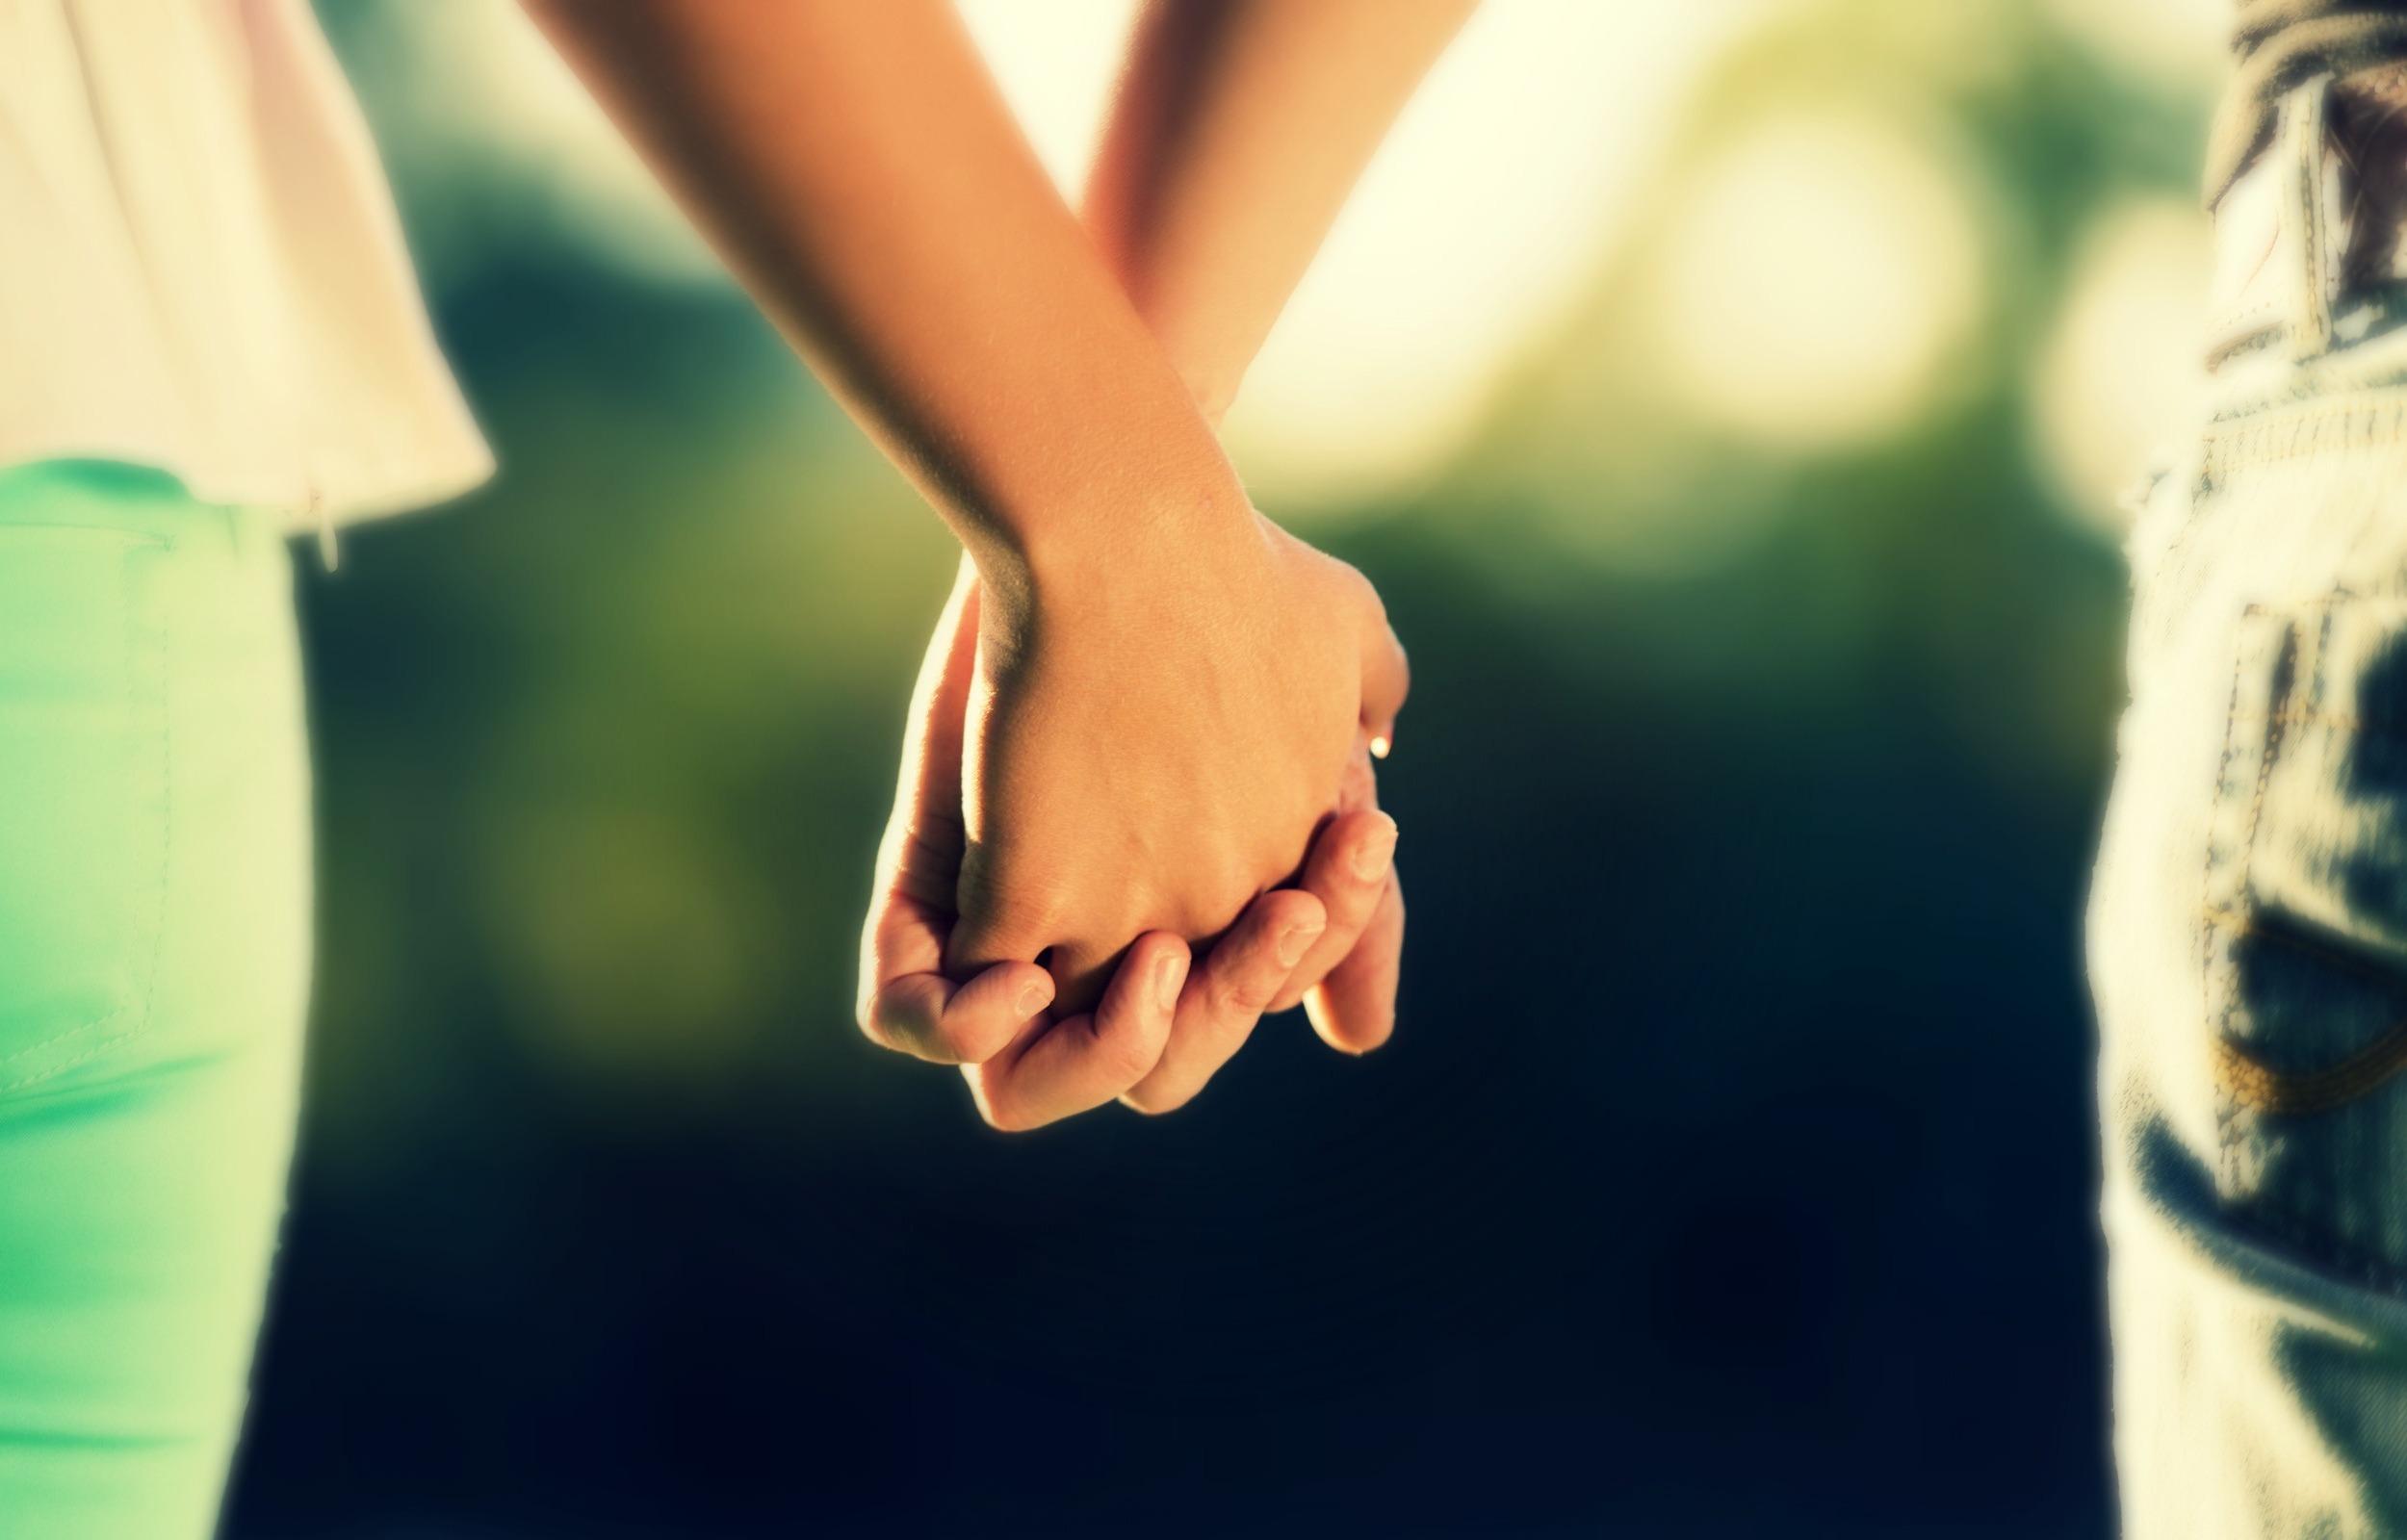 Красивые картинки держащихся за руки